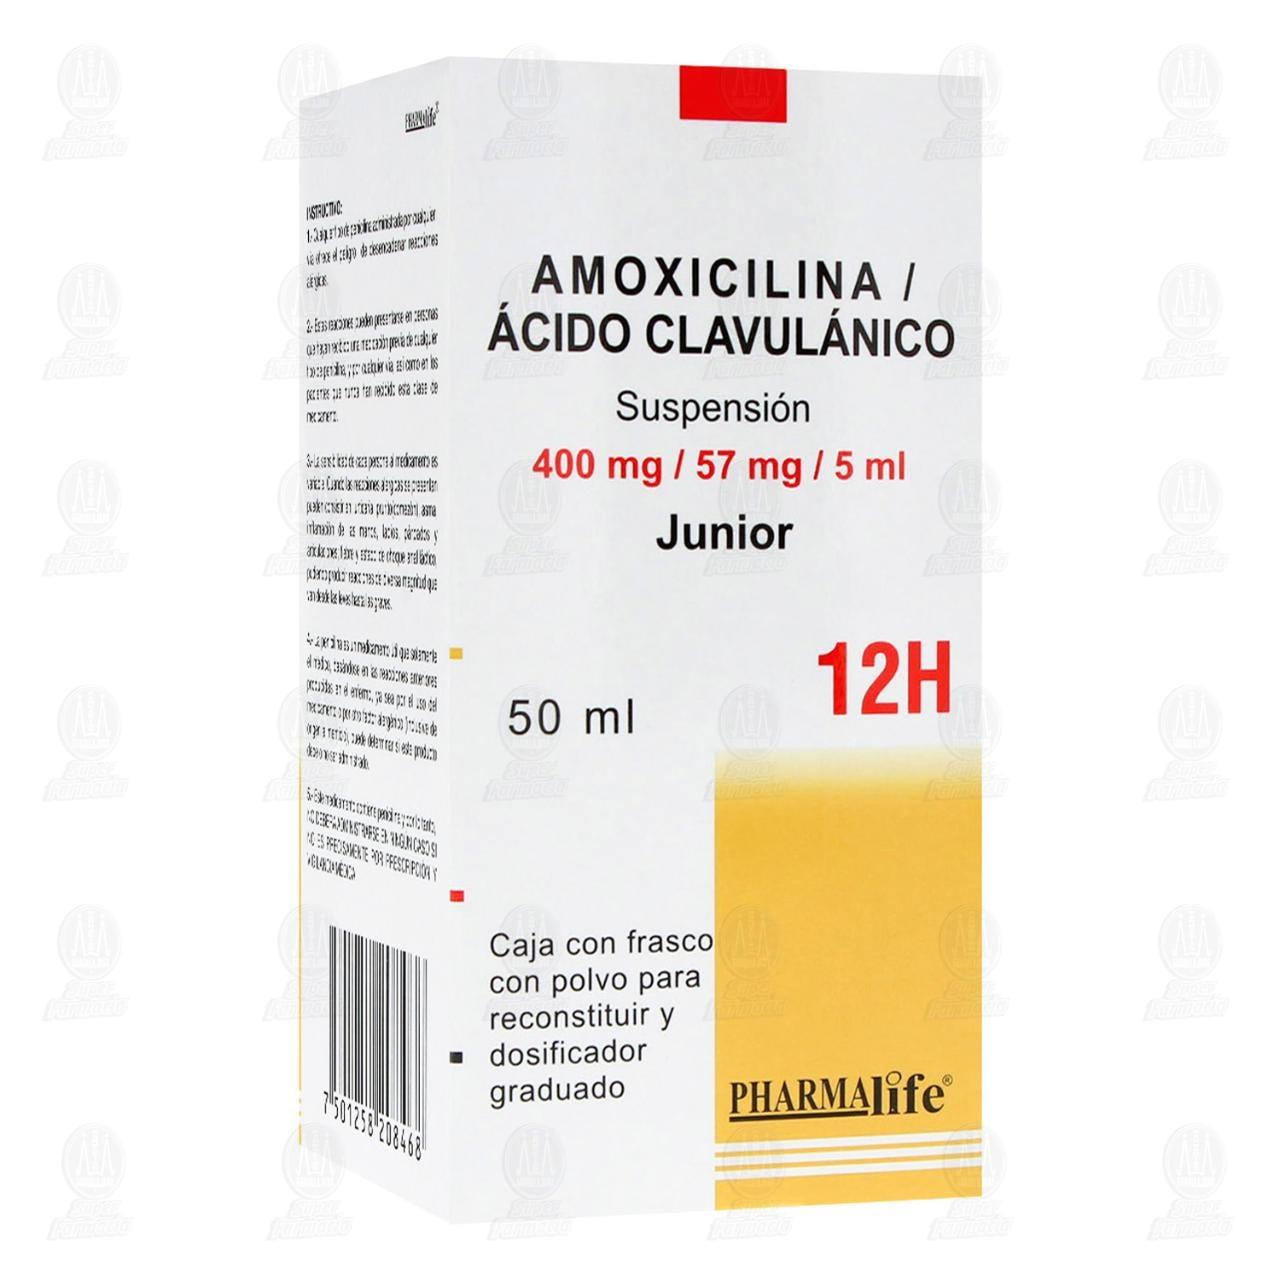 comprar https://www.movil.farmaciasguadalajara.com/wcsstore/FGCAS/wcs/products/1067869_A_1280_AL.jpg en farmacias guadalajara